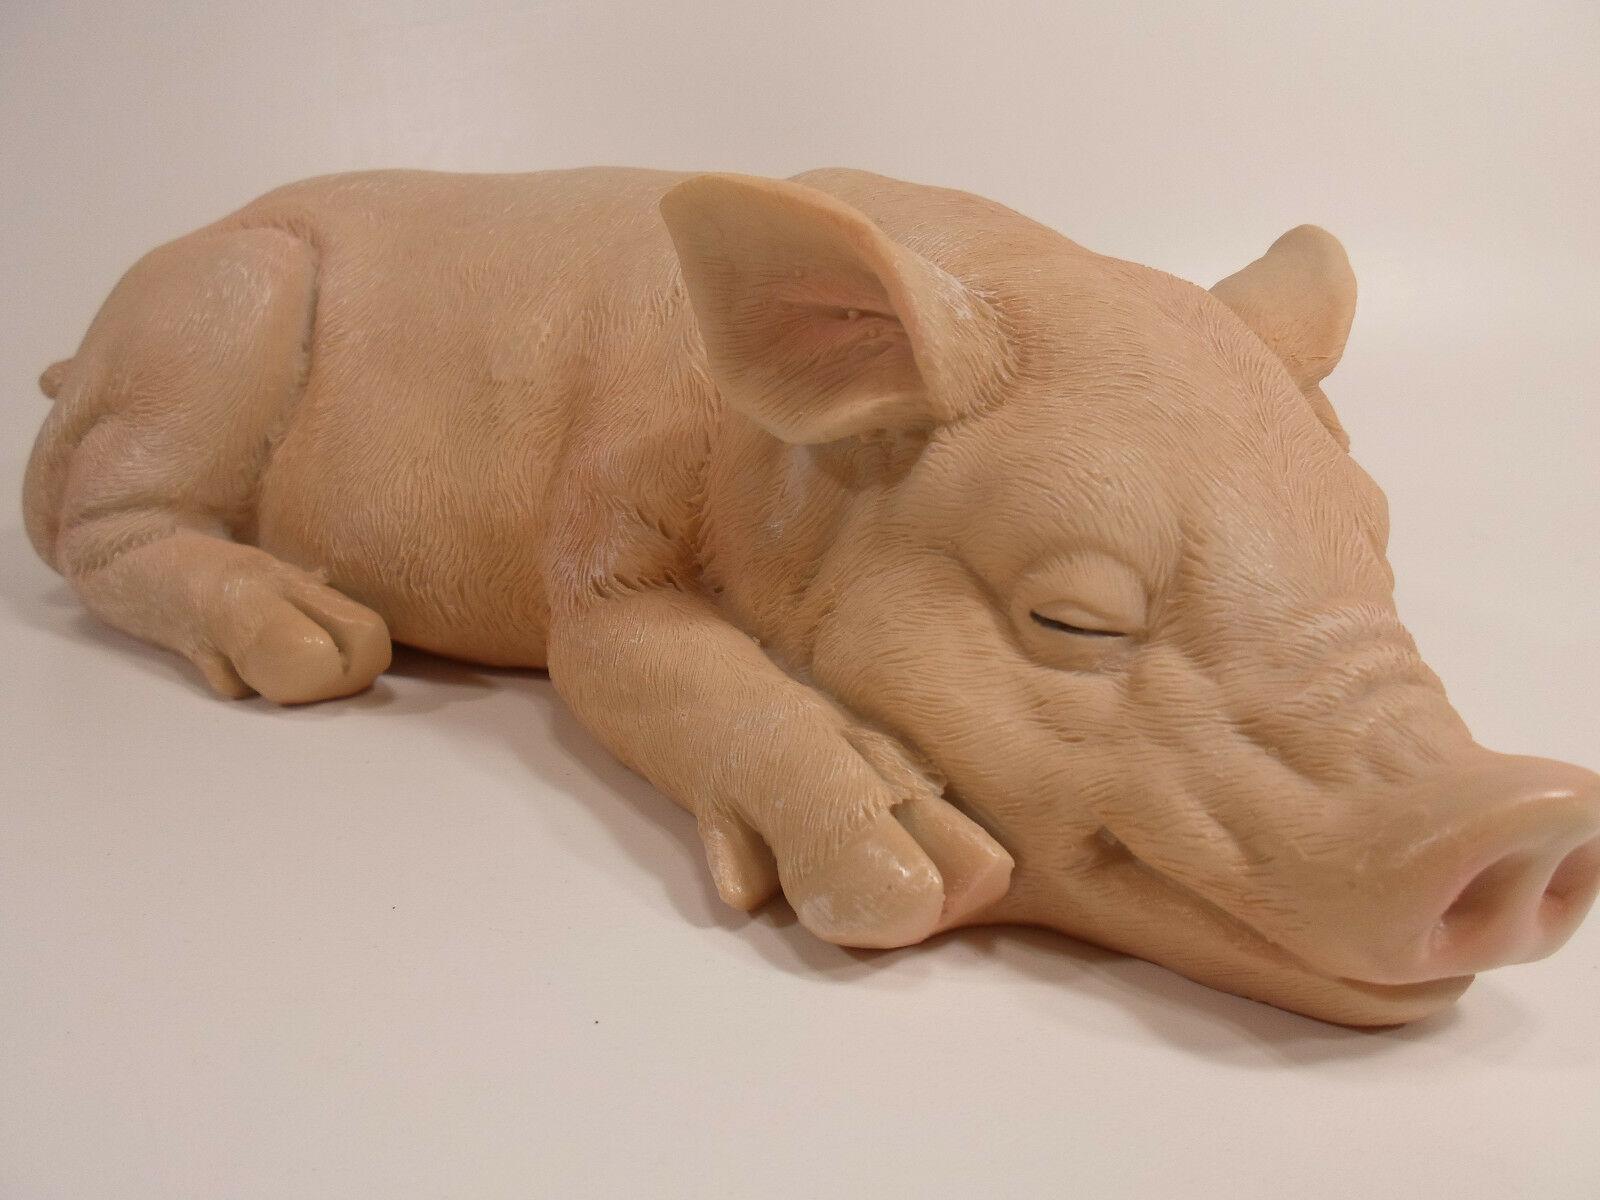 """14"""" PIGGY SLEEPING PIG STATUE DESIGN TOSCANO Garden Lawn Ornament Indoor Outdoor - $19.97"""